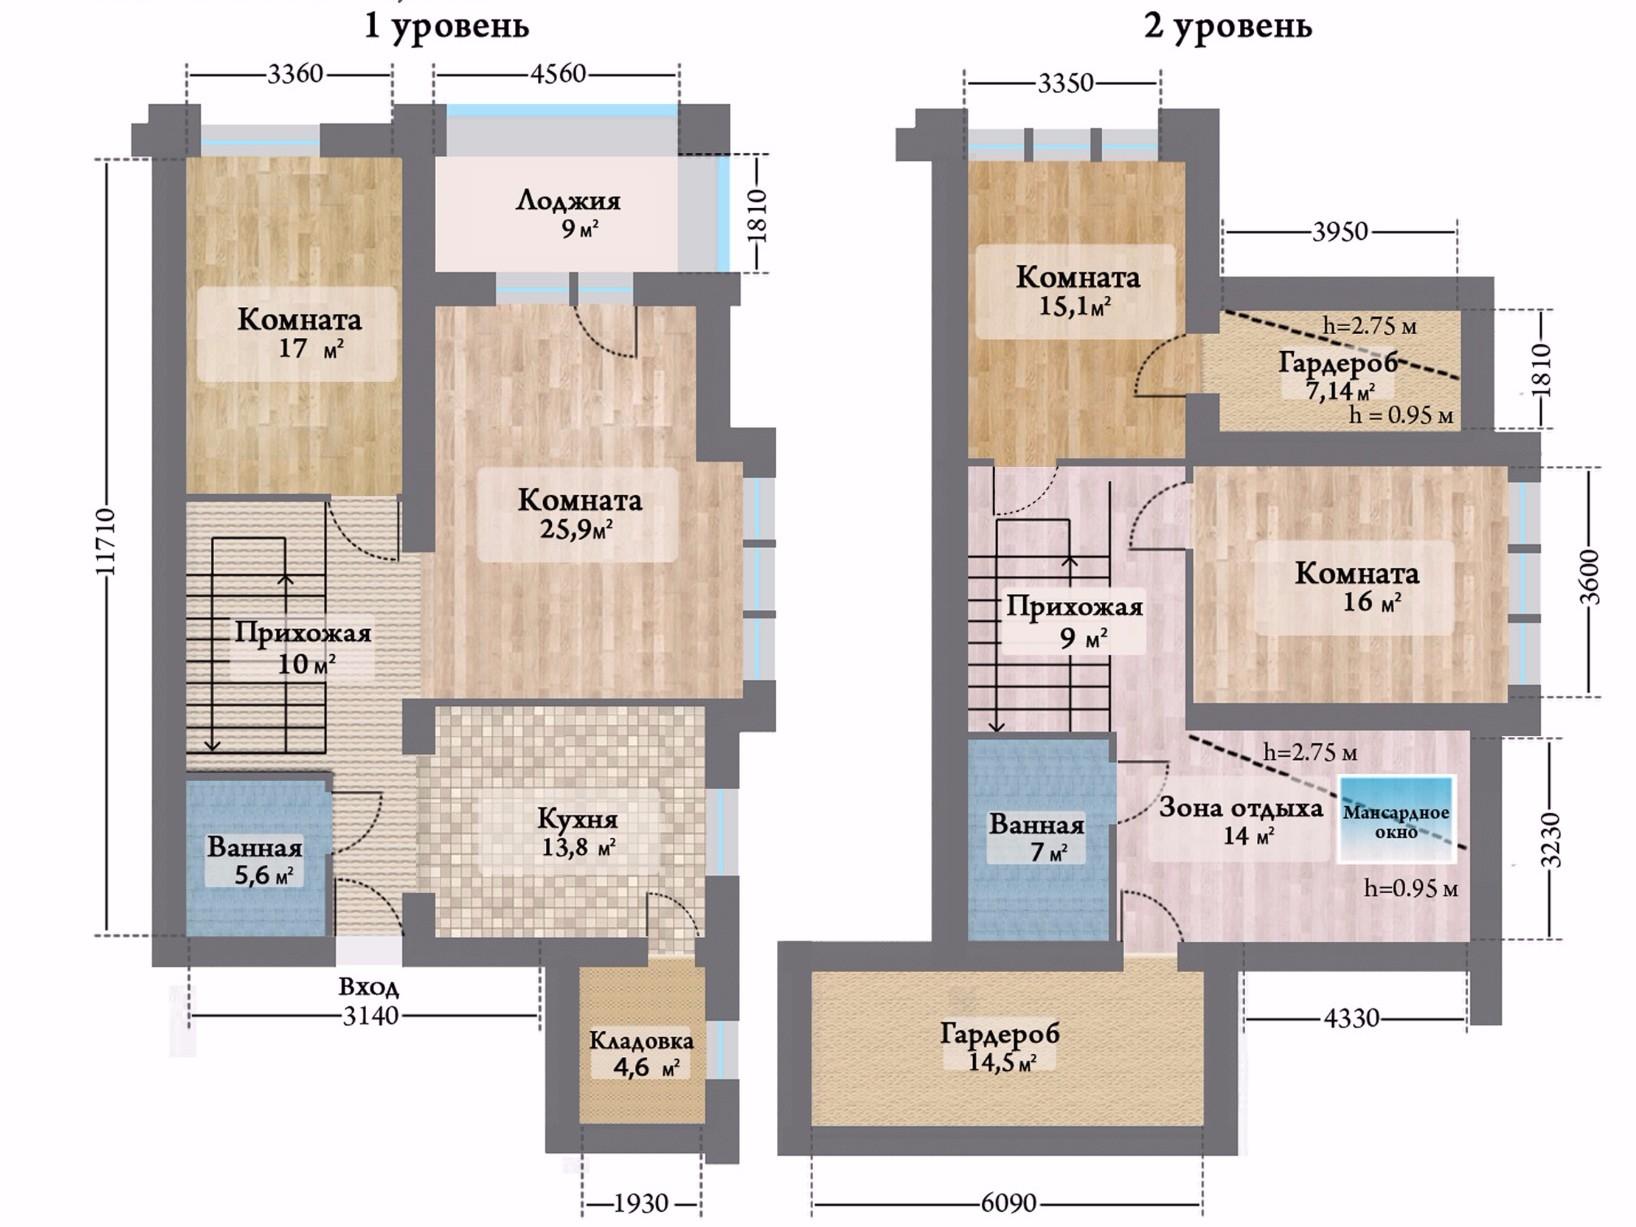 купить квартиру запорожье, ренессанс запорожье, новостойки запорожье, великий луг, запорожь